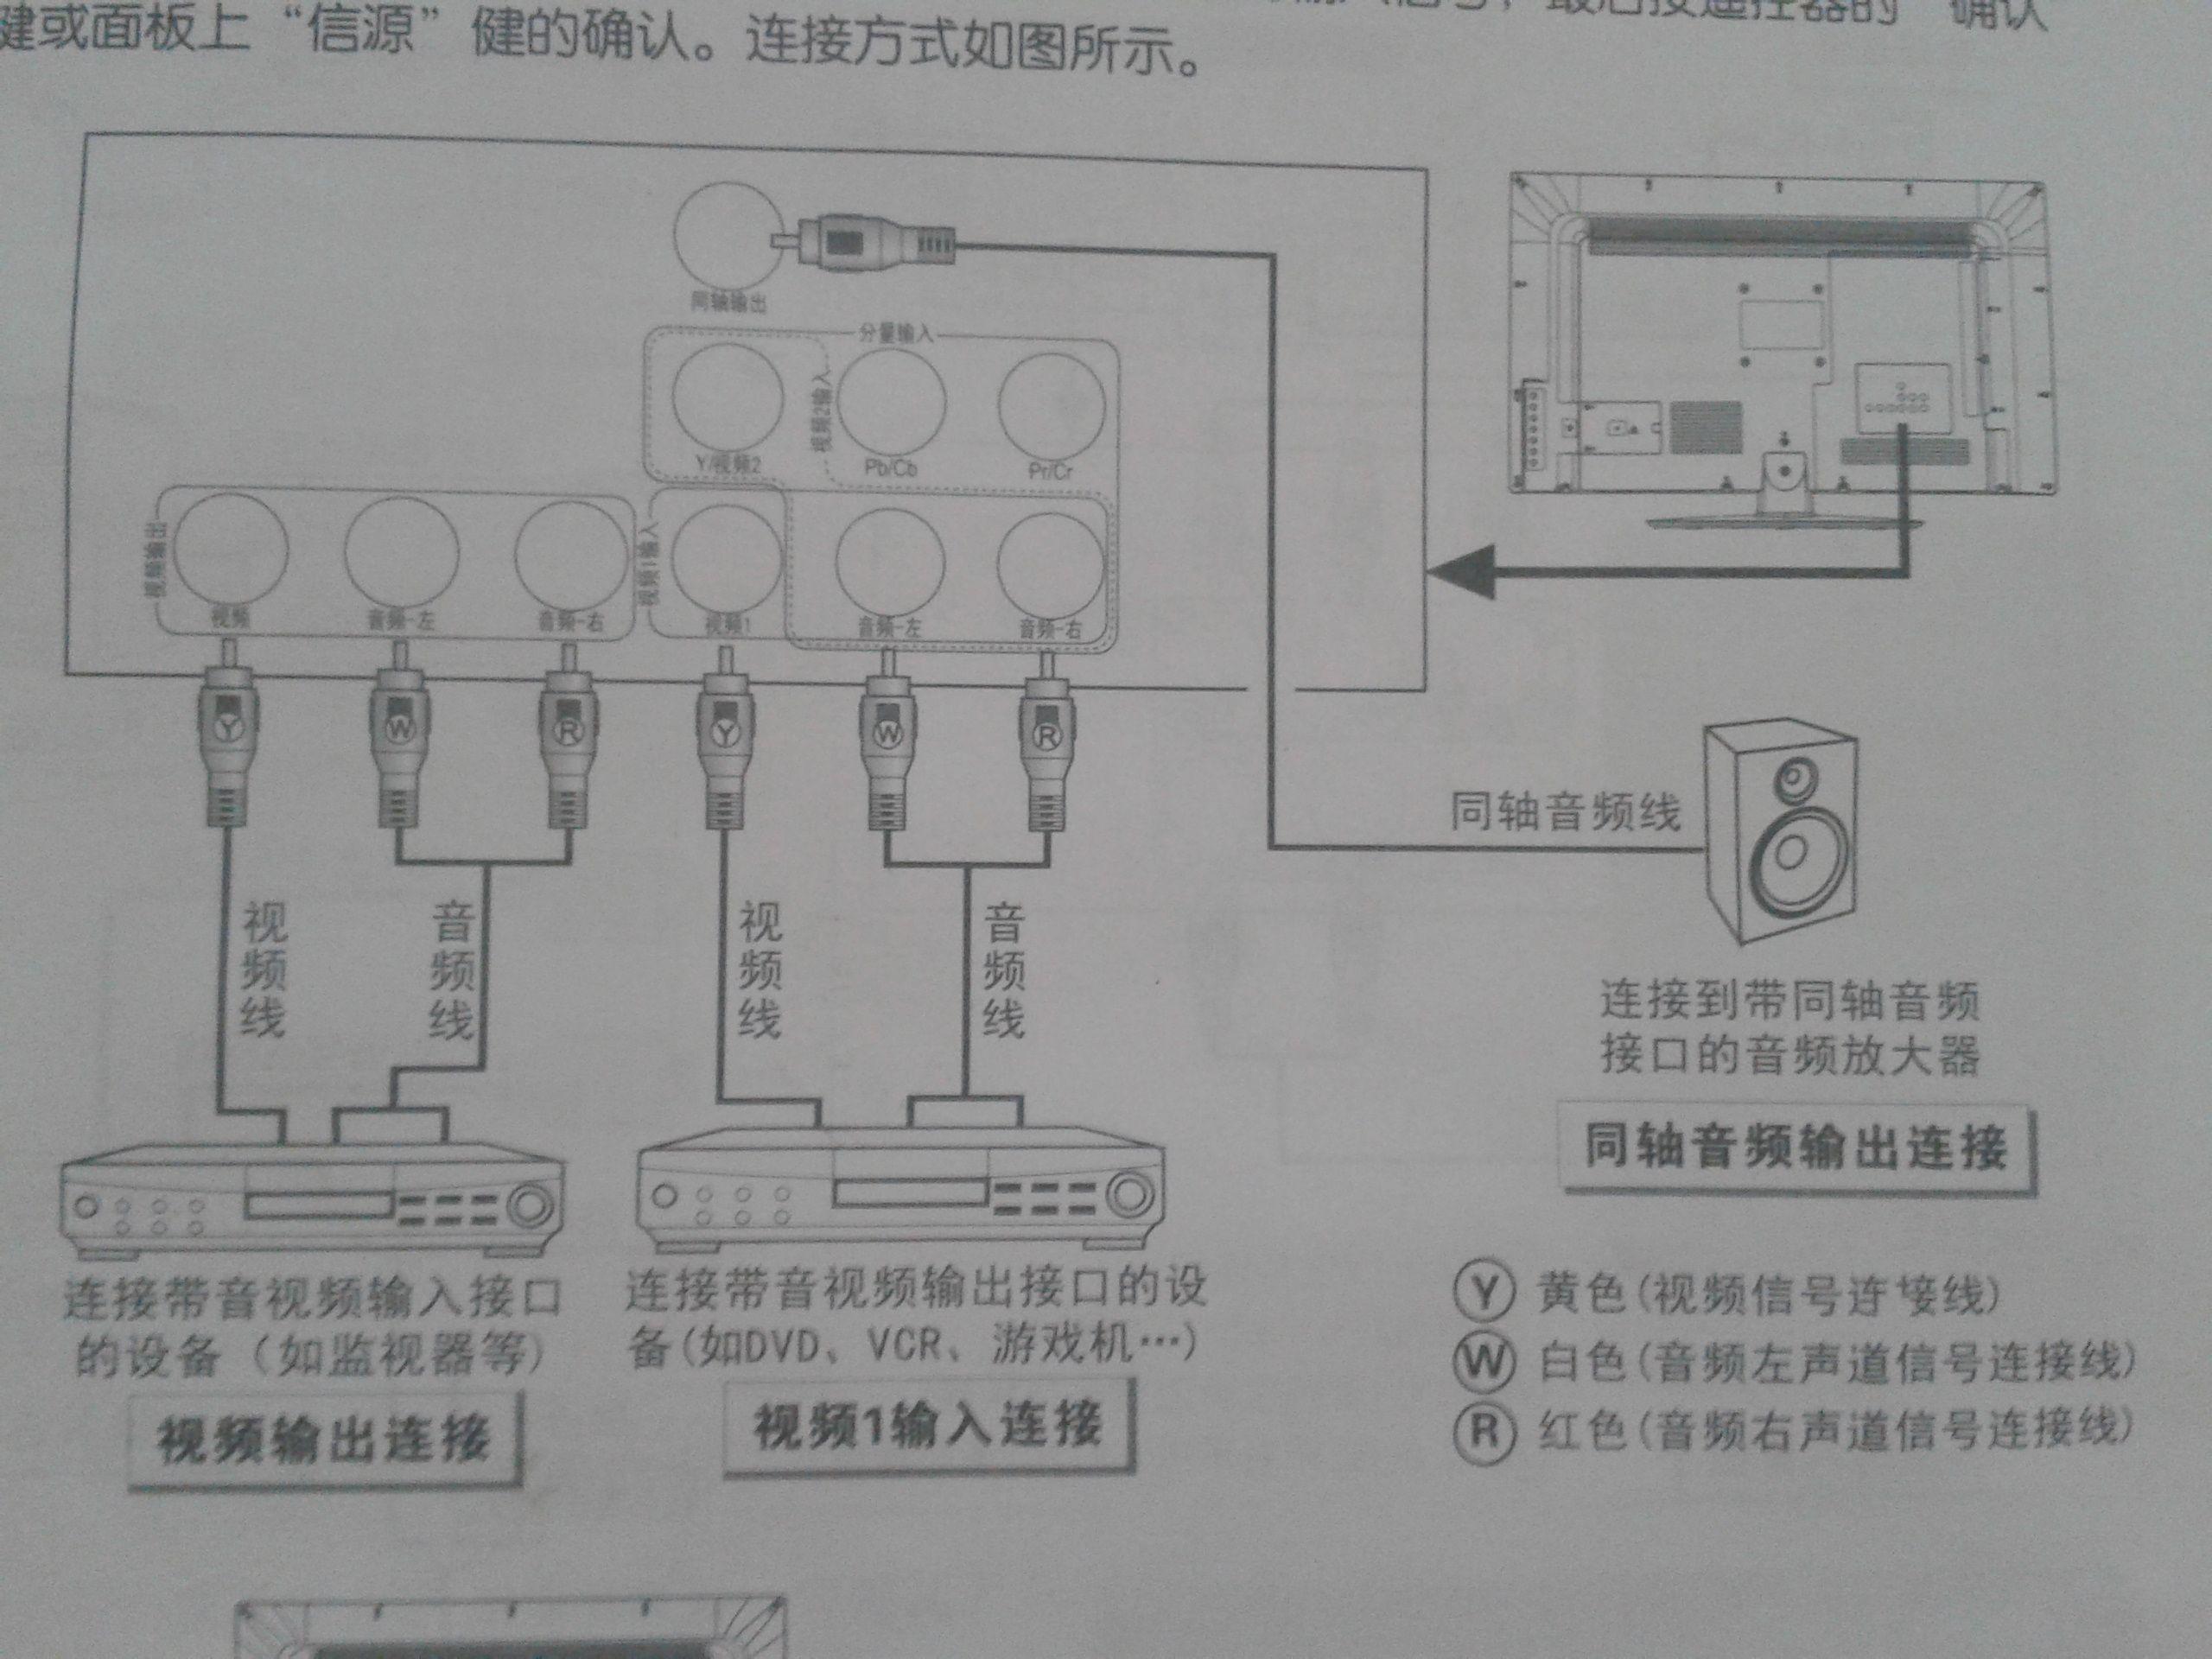 乐视led42c821dz液晶电视与音响,功放的连接问题.